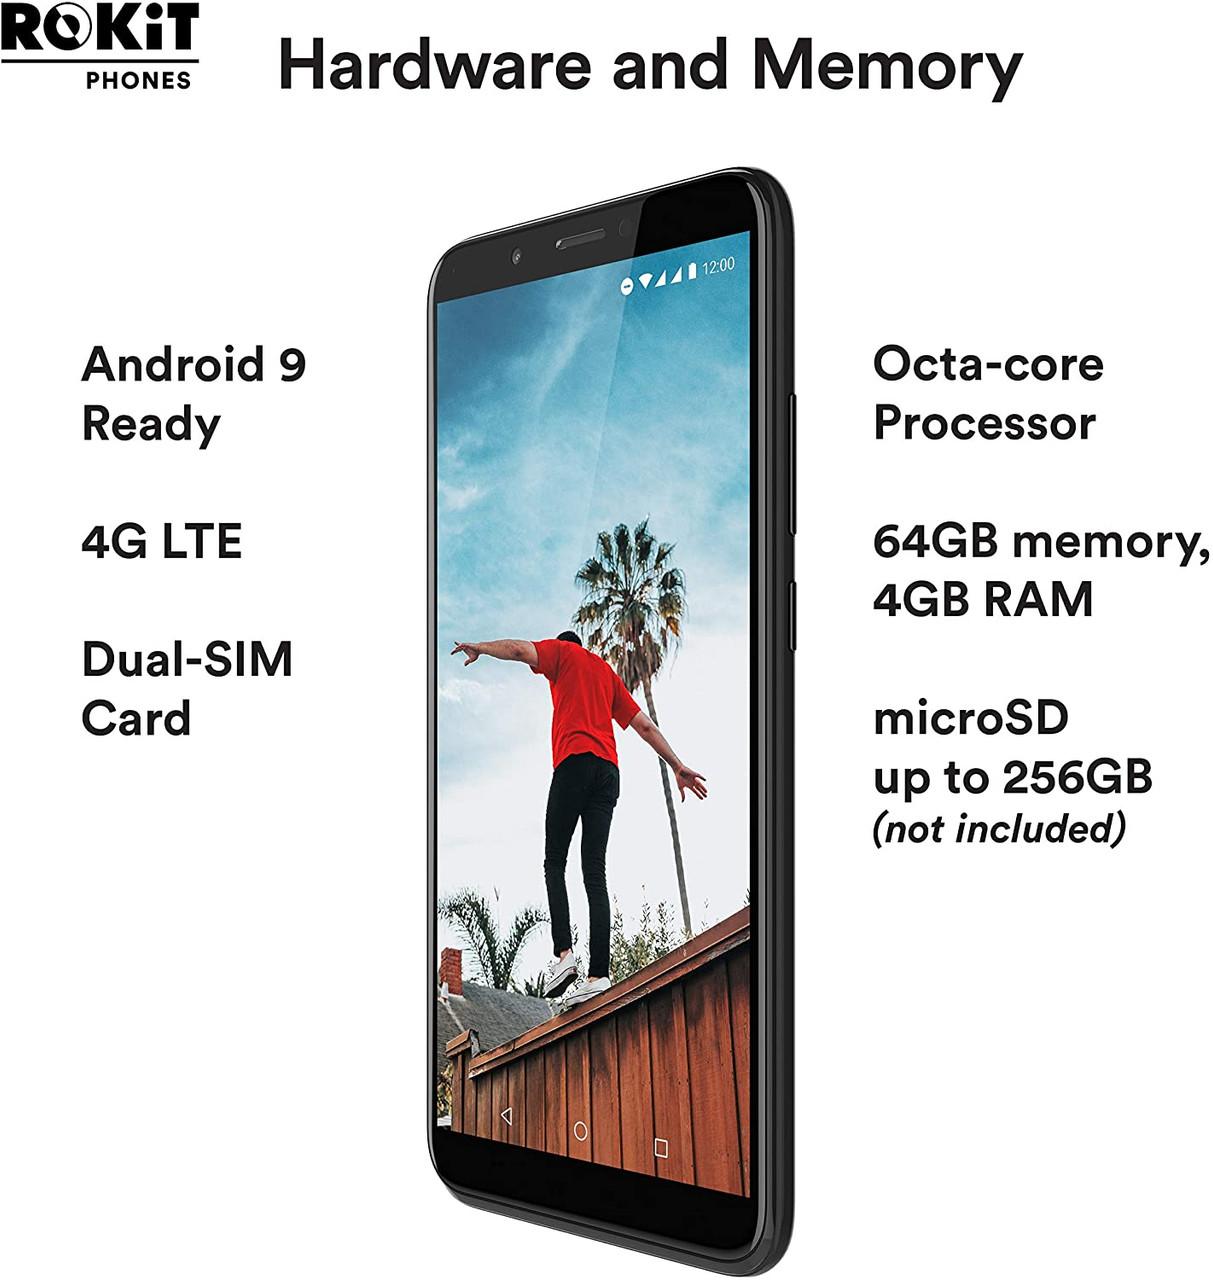 ROKiT IO PRO 3D 4G LTE UNLOCKED W/ $15 GEN MOBILE PRELOADED SIM (T-MOBILE NETWORK)